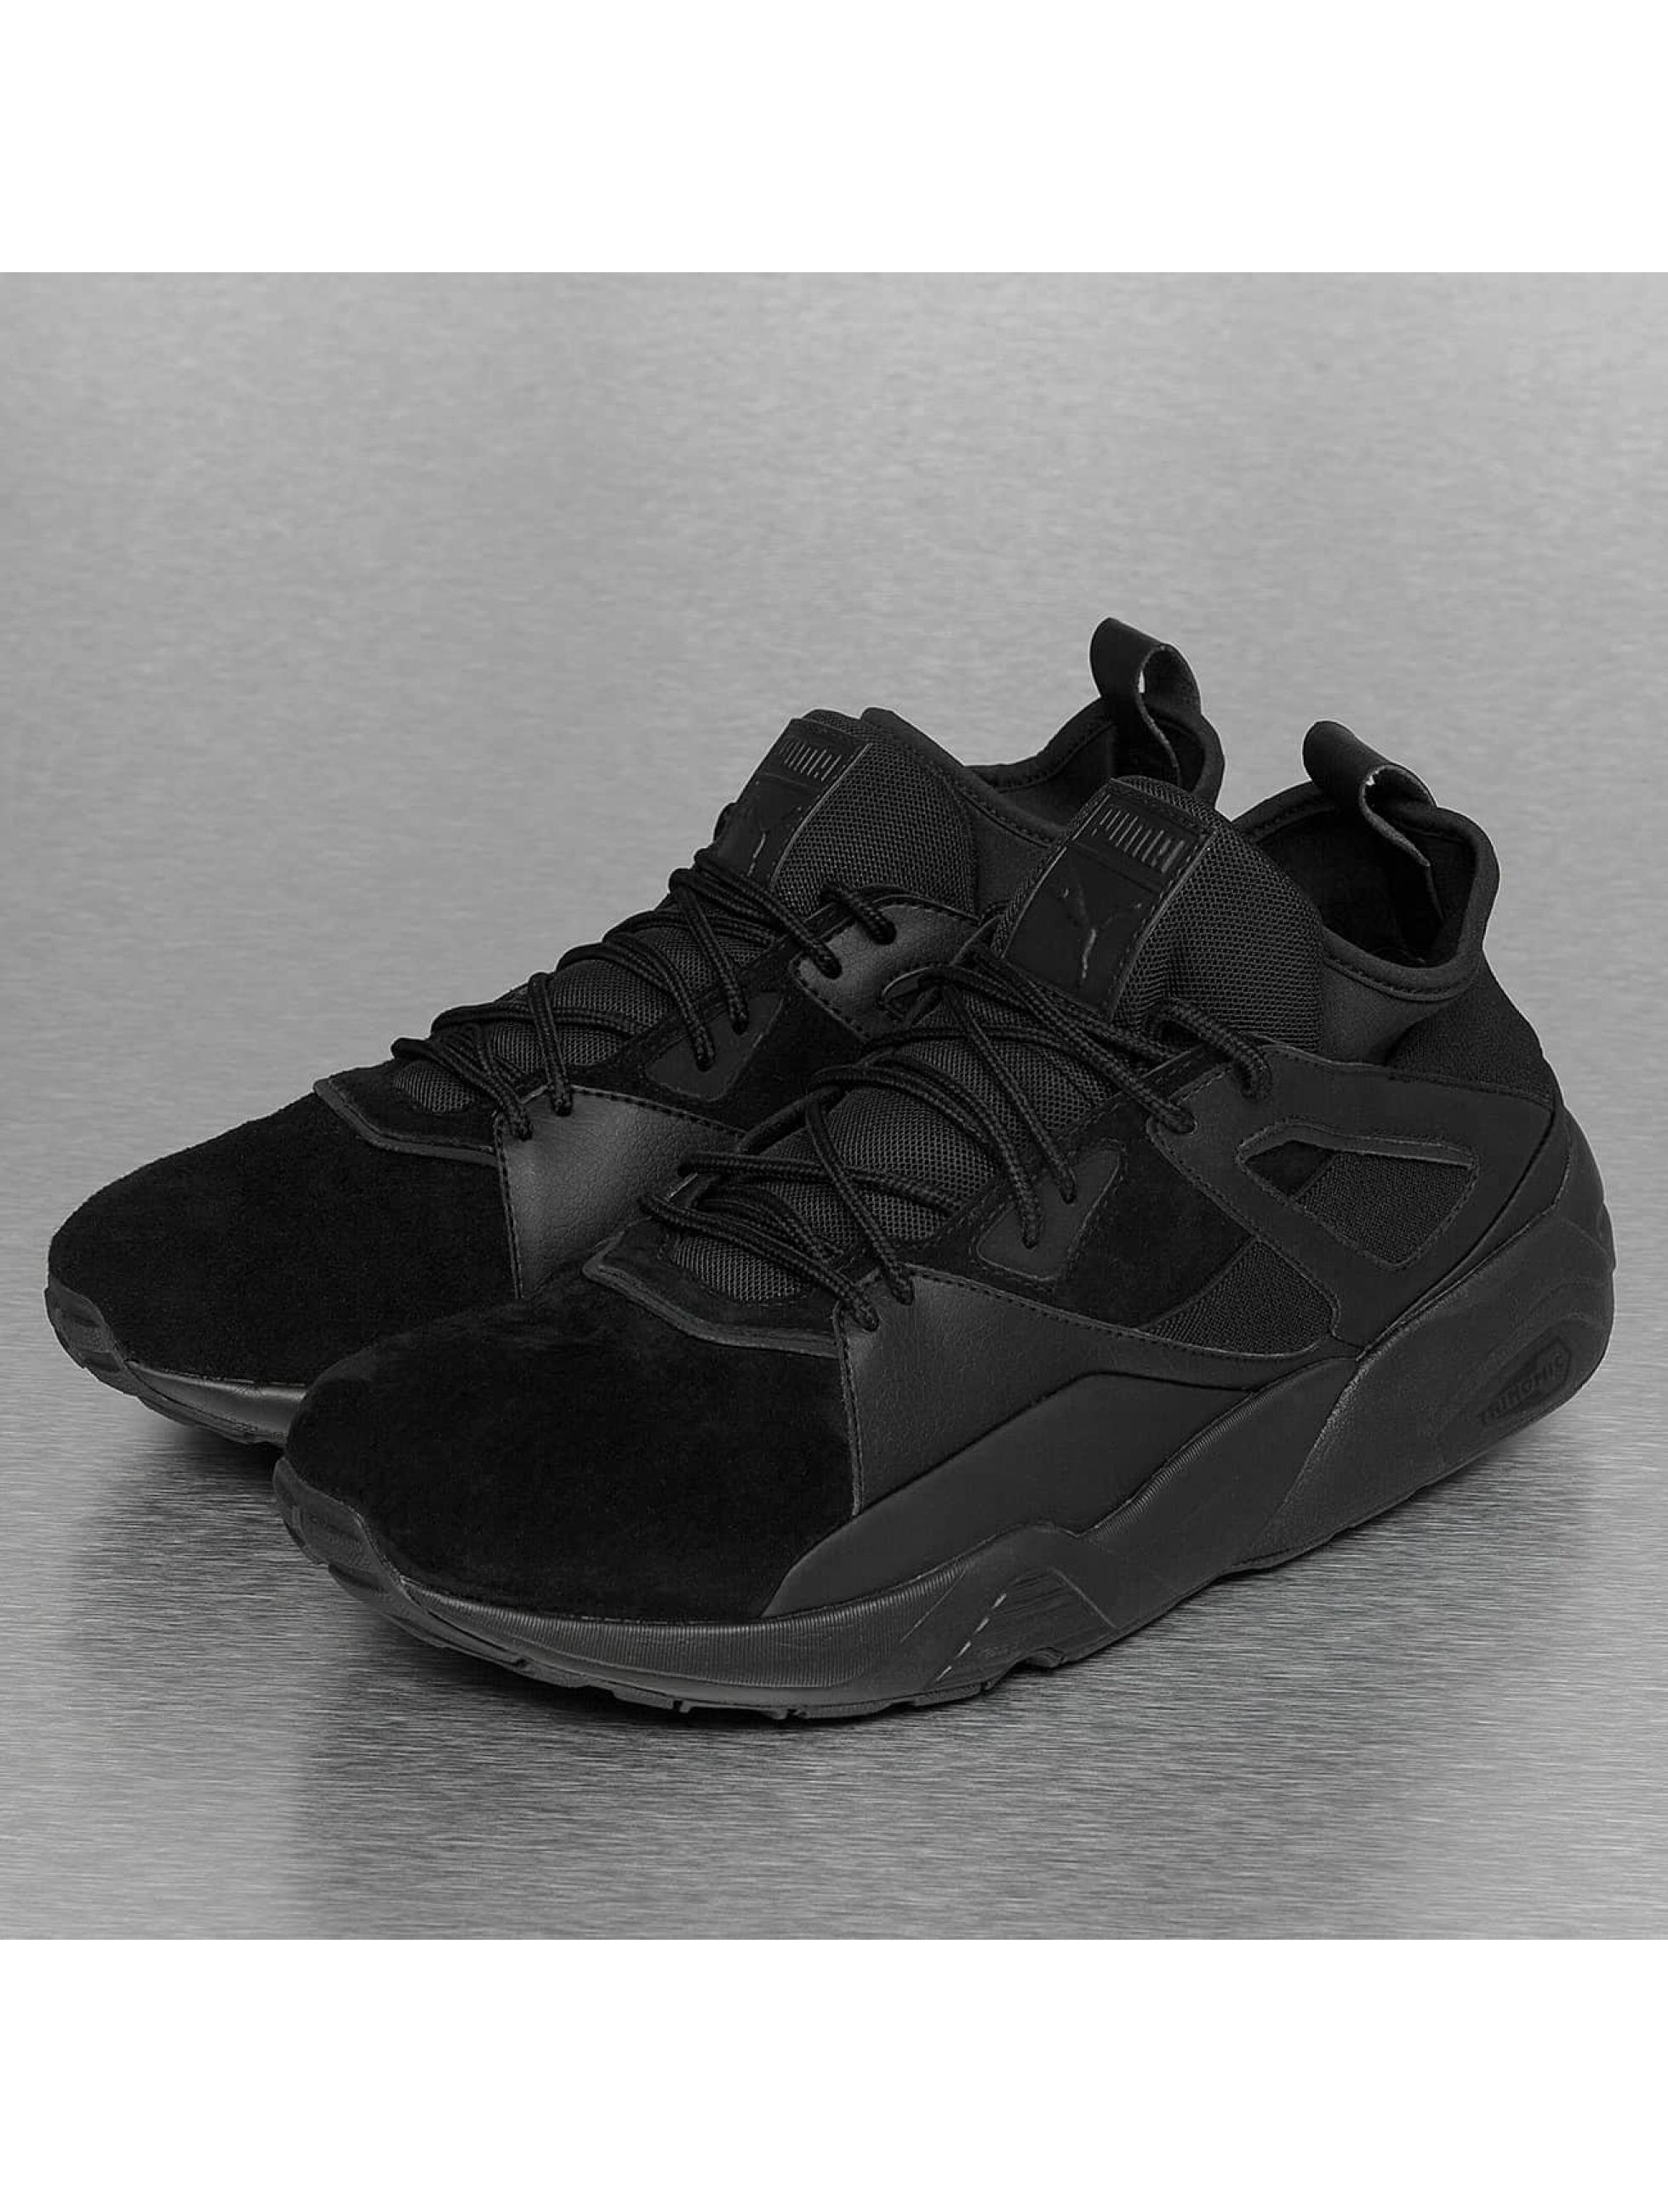 Puma Schoenen Zwart Grijs